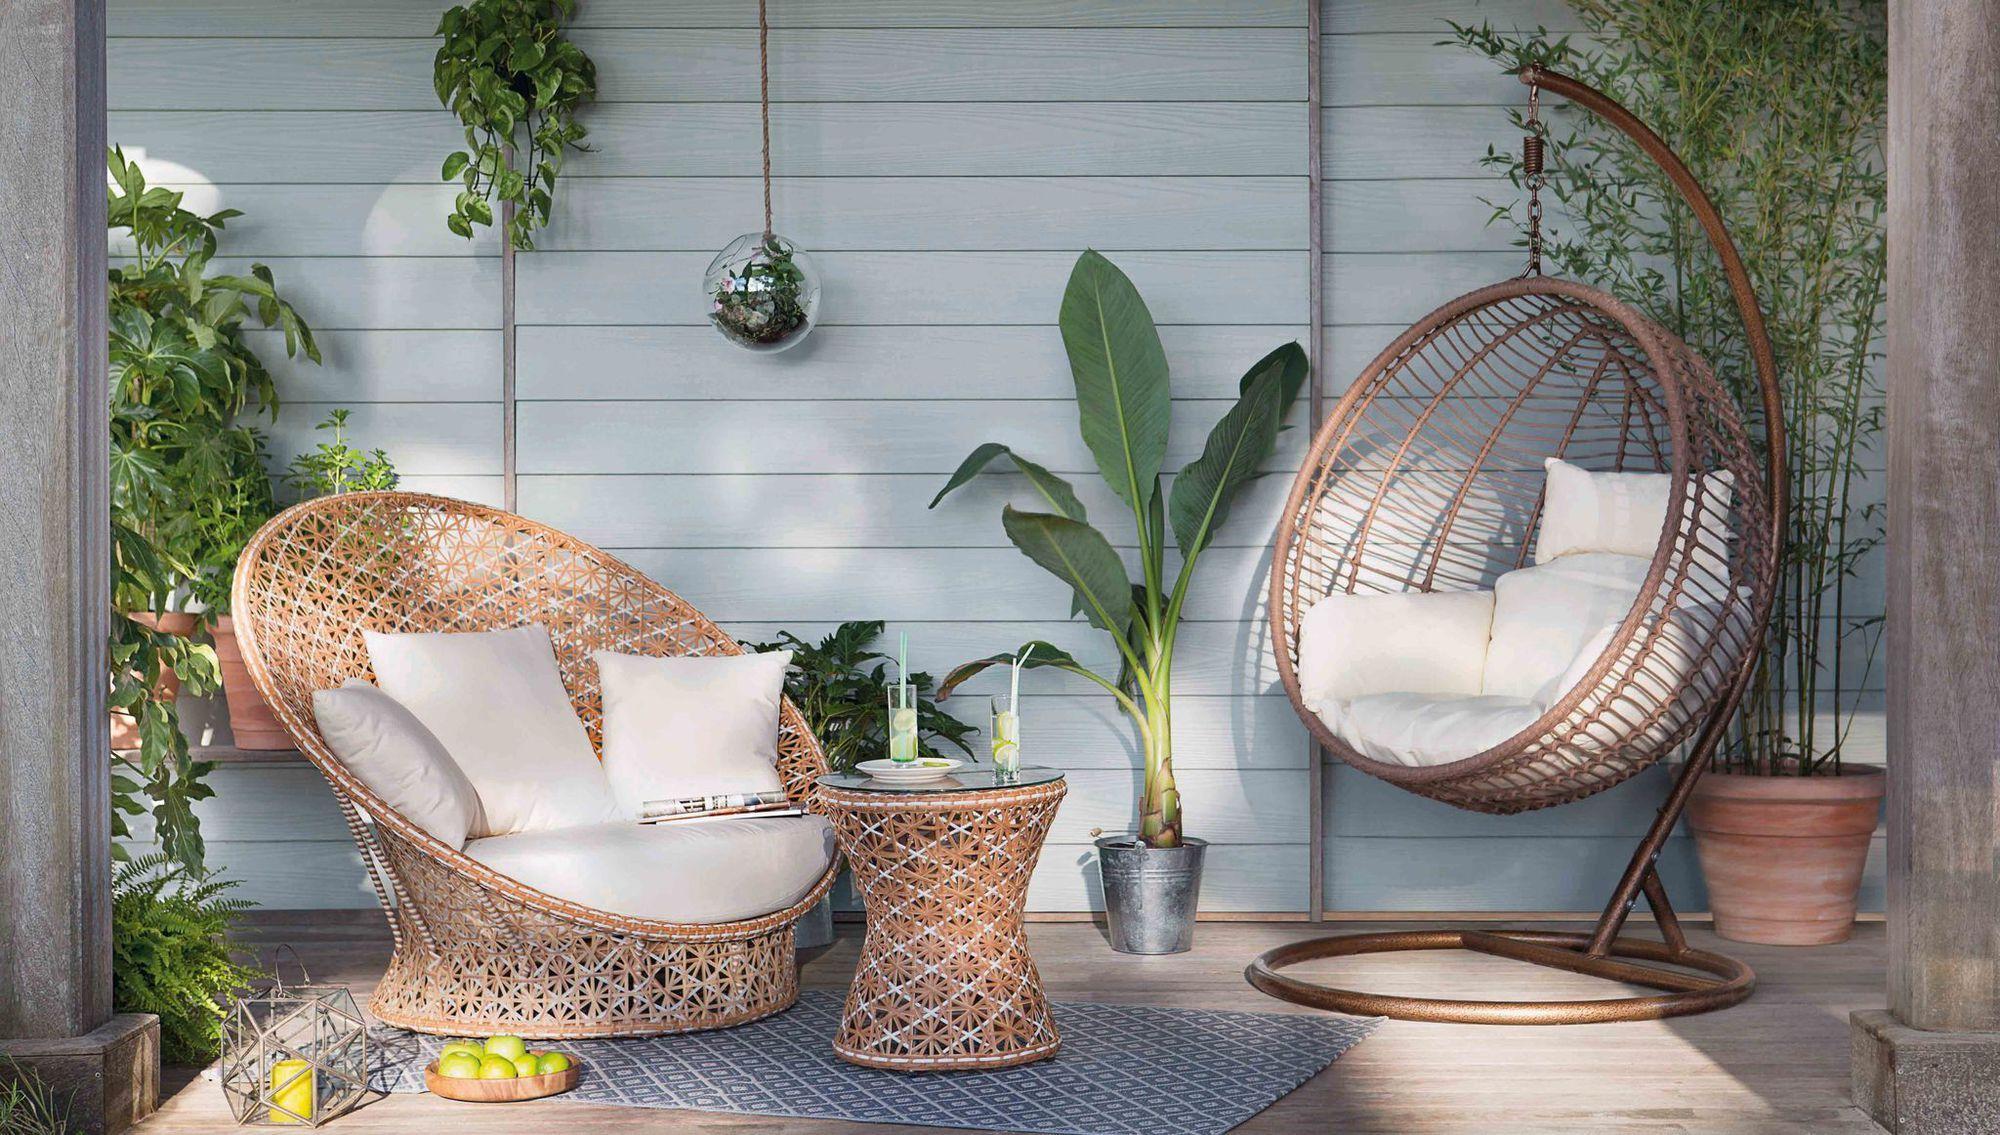 Déco Jardin : Ambiance Lounge Et Cosy | Balkong Design ... avec Loveuse De Jardin